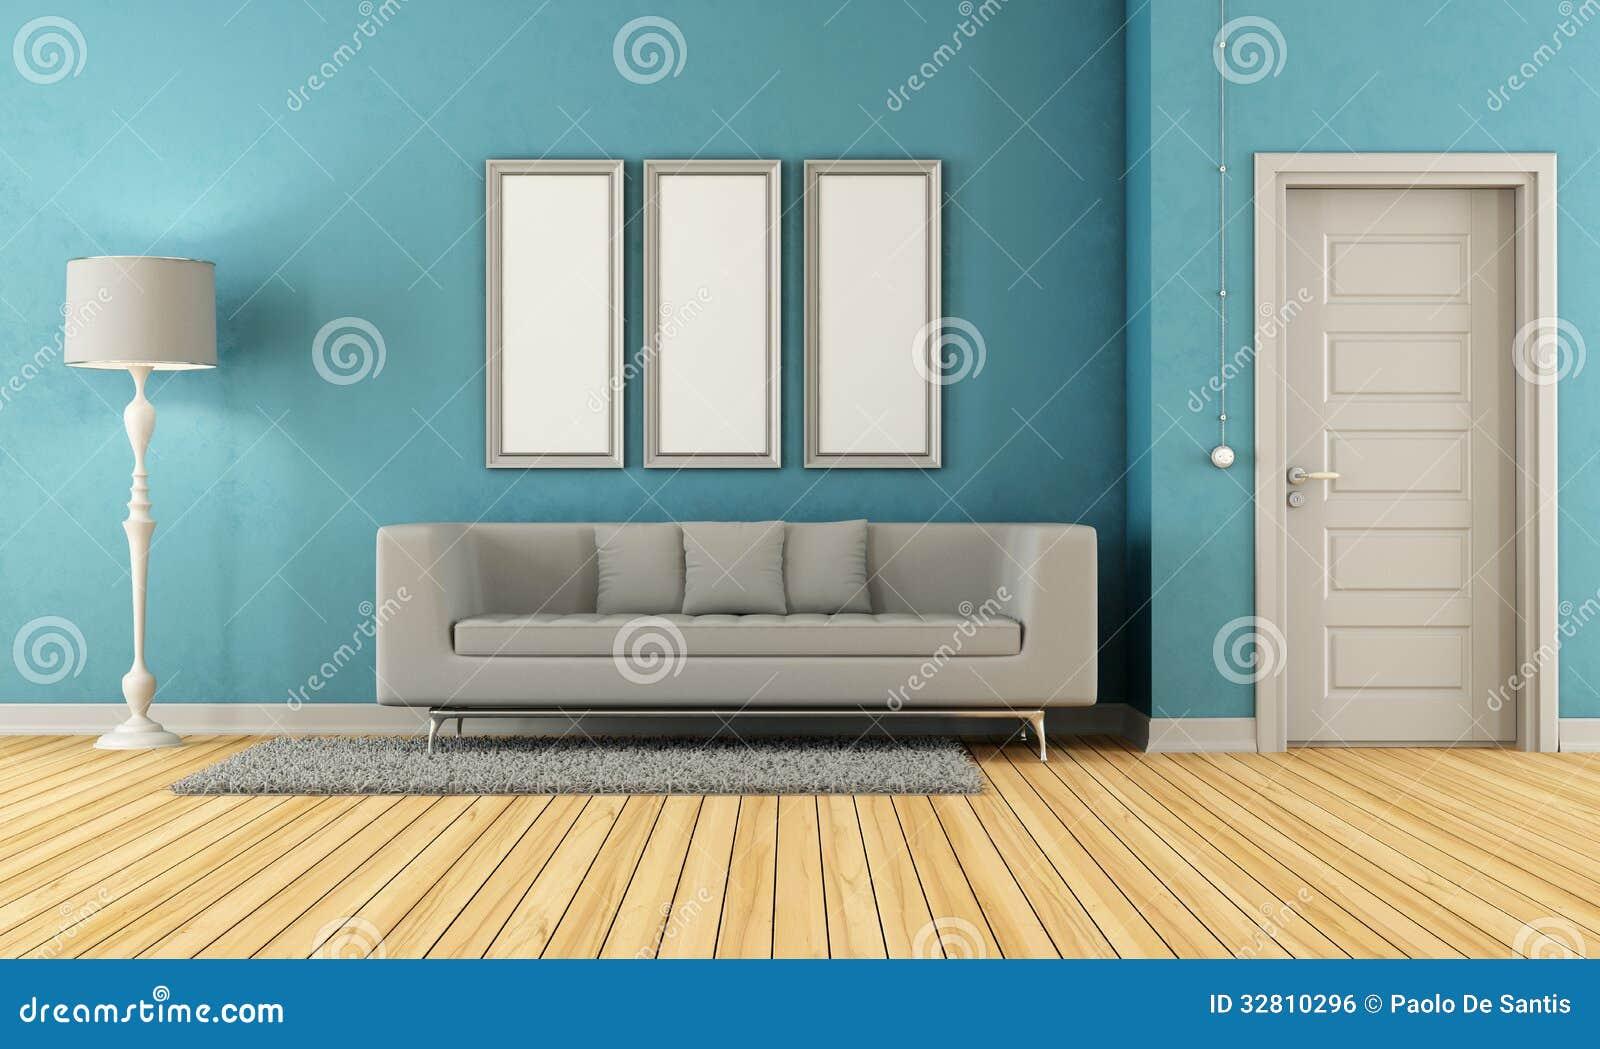 Blauwe en grijze woonkamer royalty vrije stock afbeelding ...